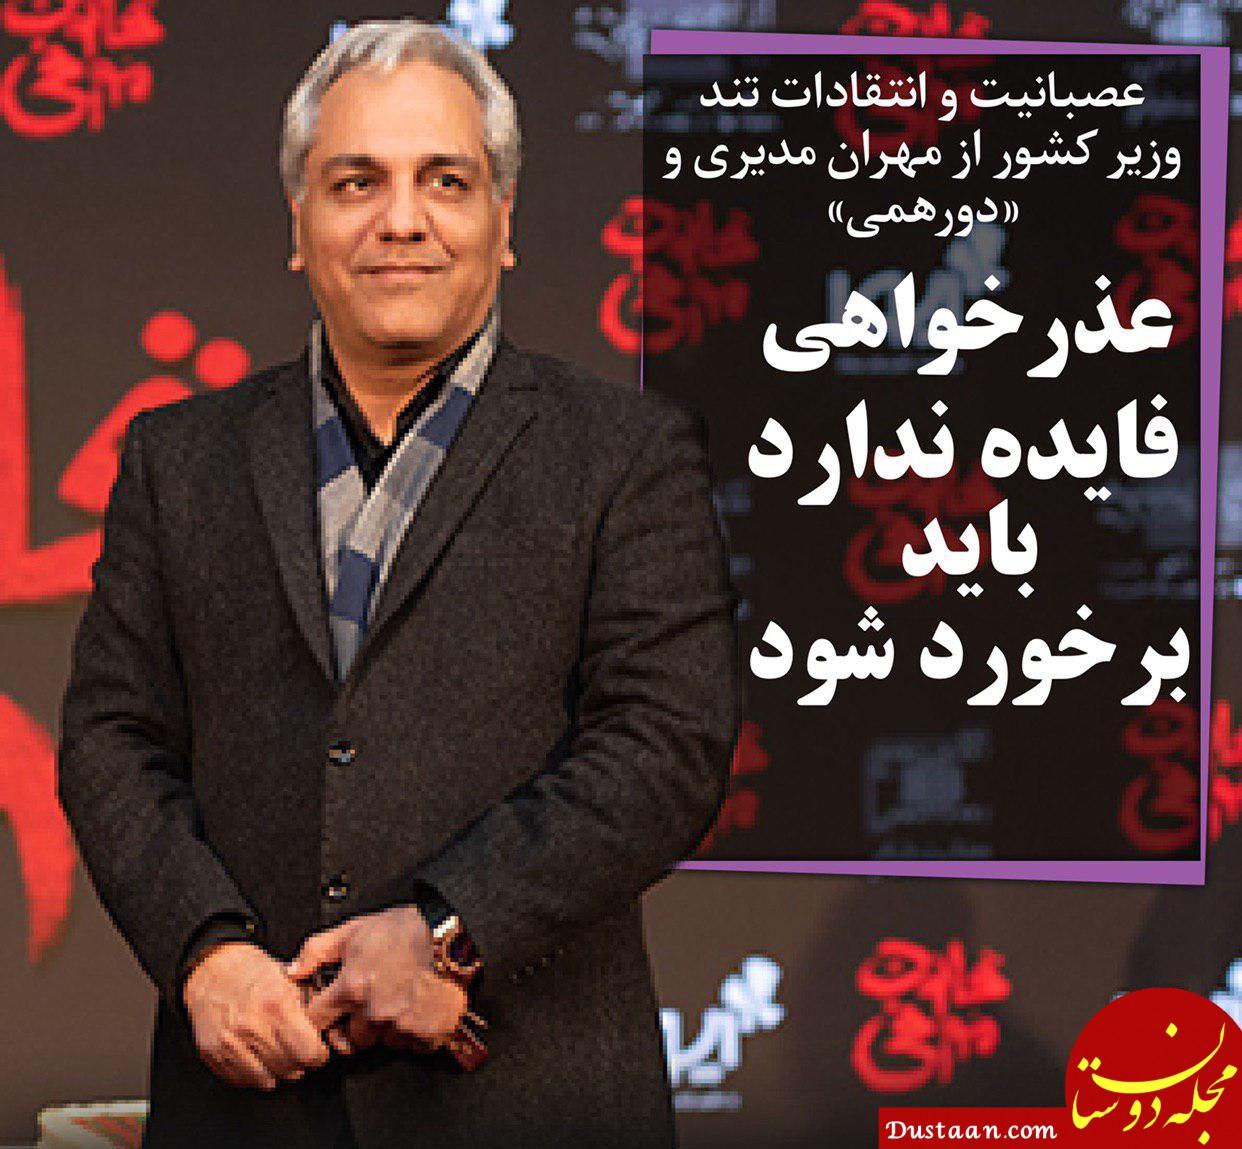 www.dustaan.com عصبانیت و انتقادات تند وزیر کشور از مهران مدیری و «دورهمی»